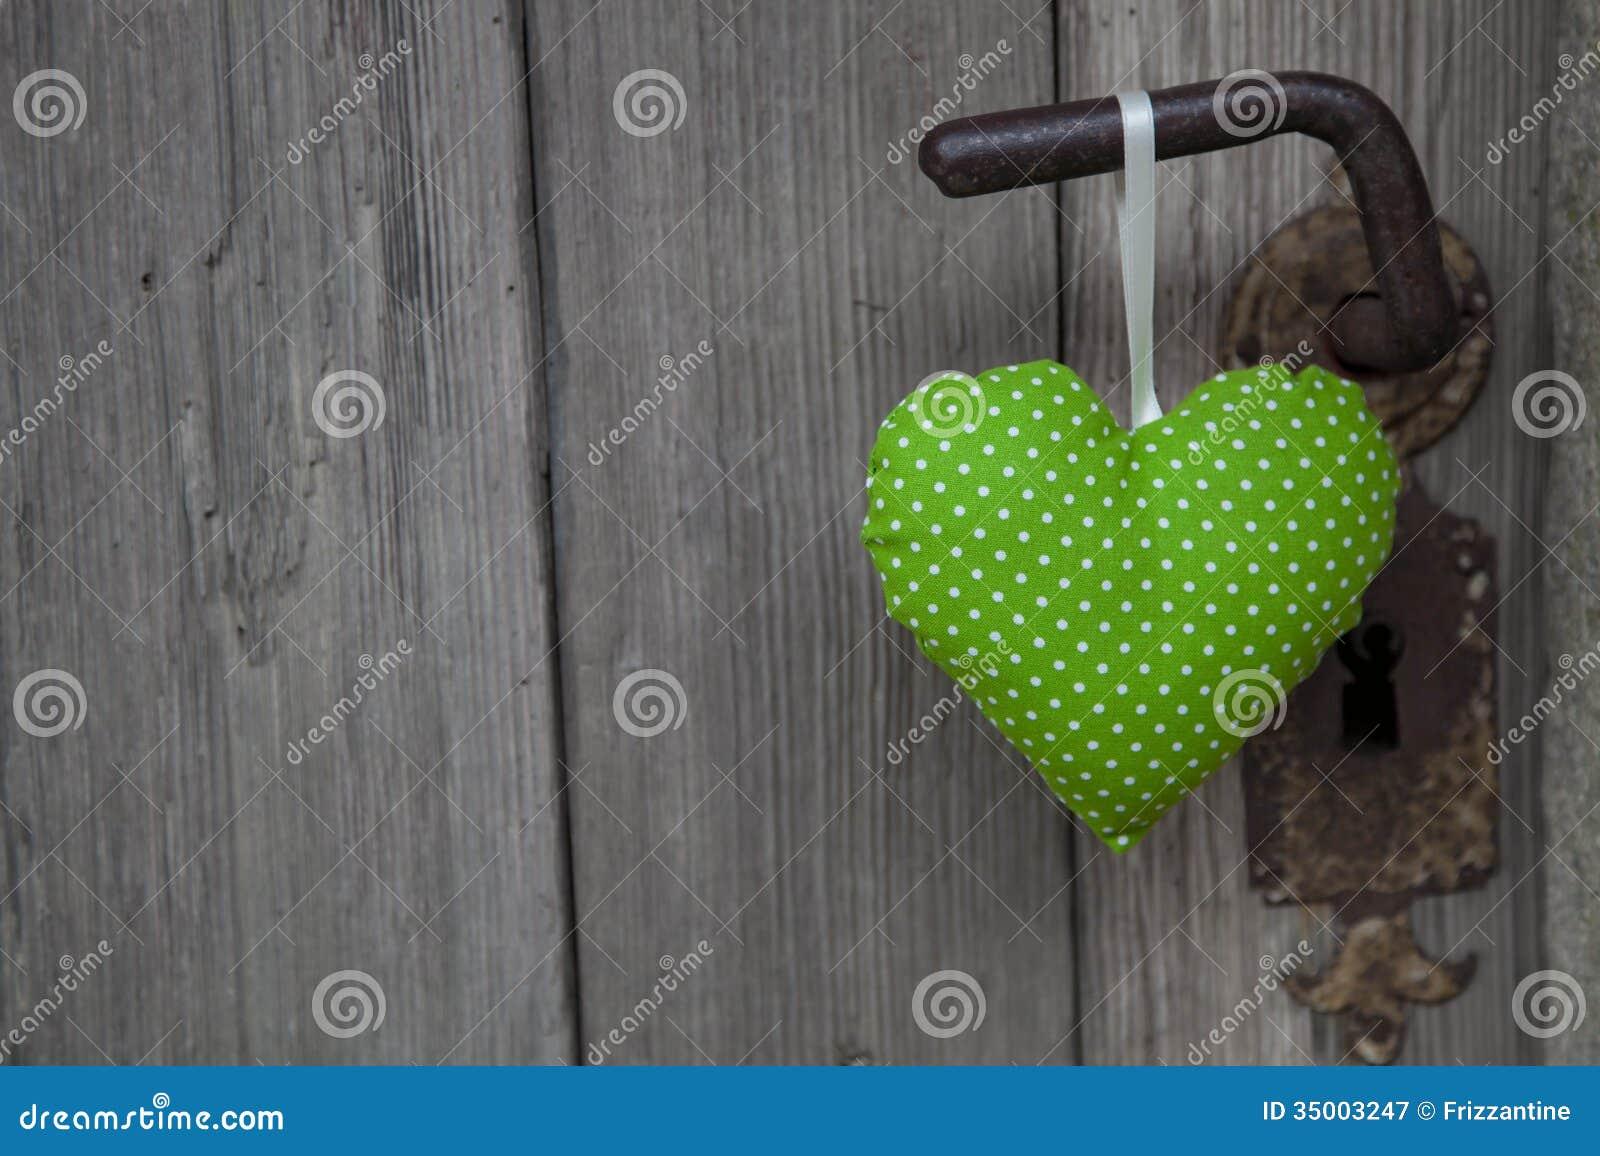 Зеленая смертная казнь через повешение на ручке двери - деревянное острословие формы сердца предпосылки